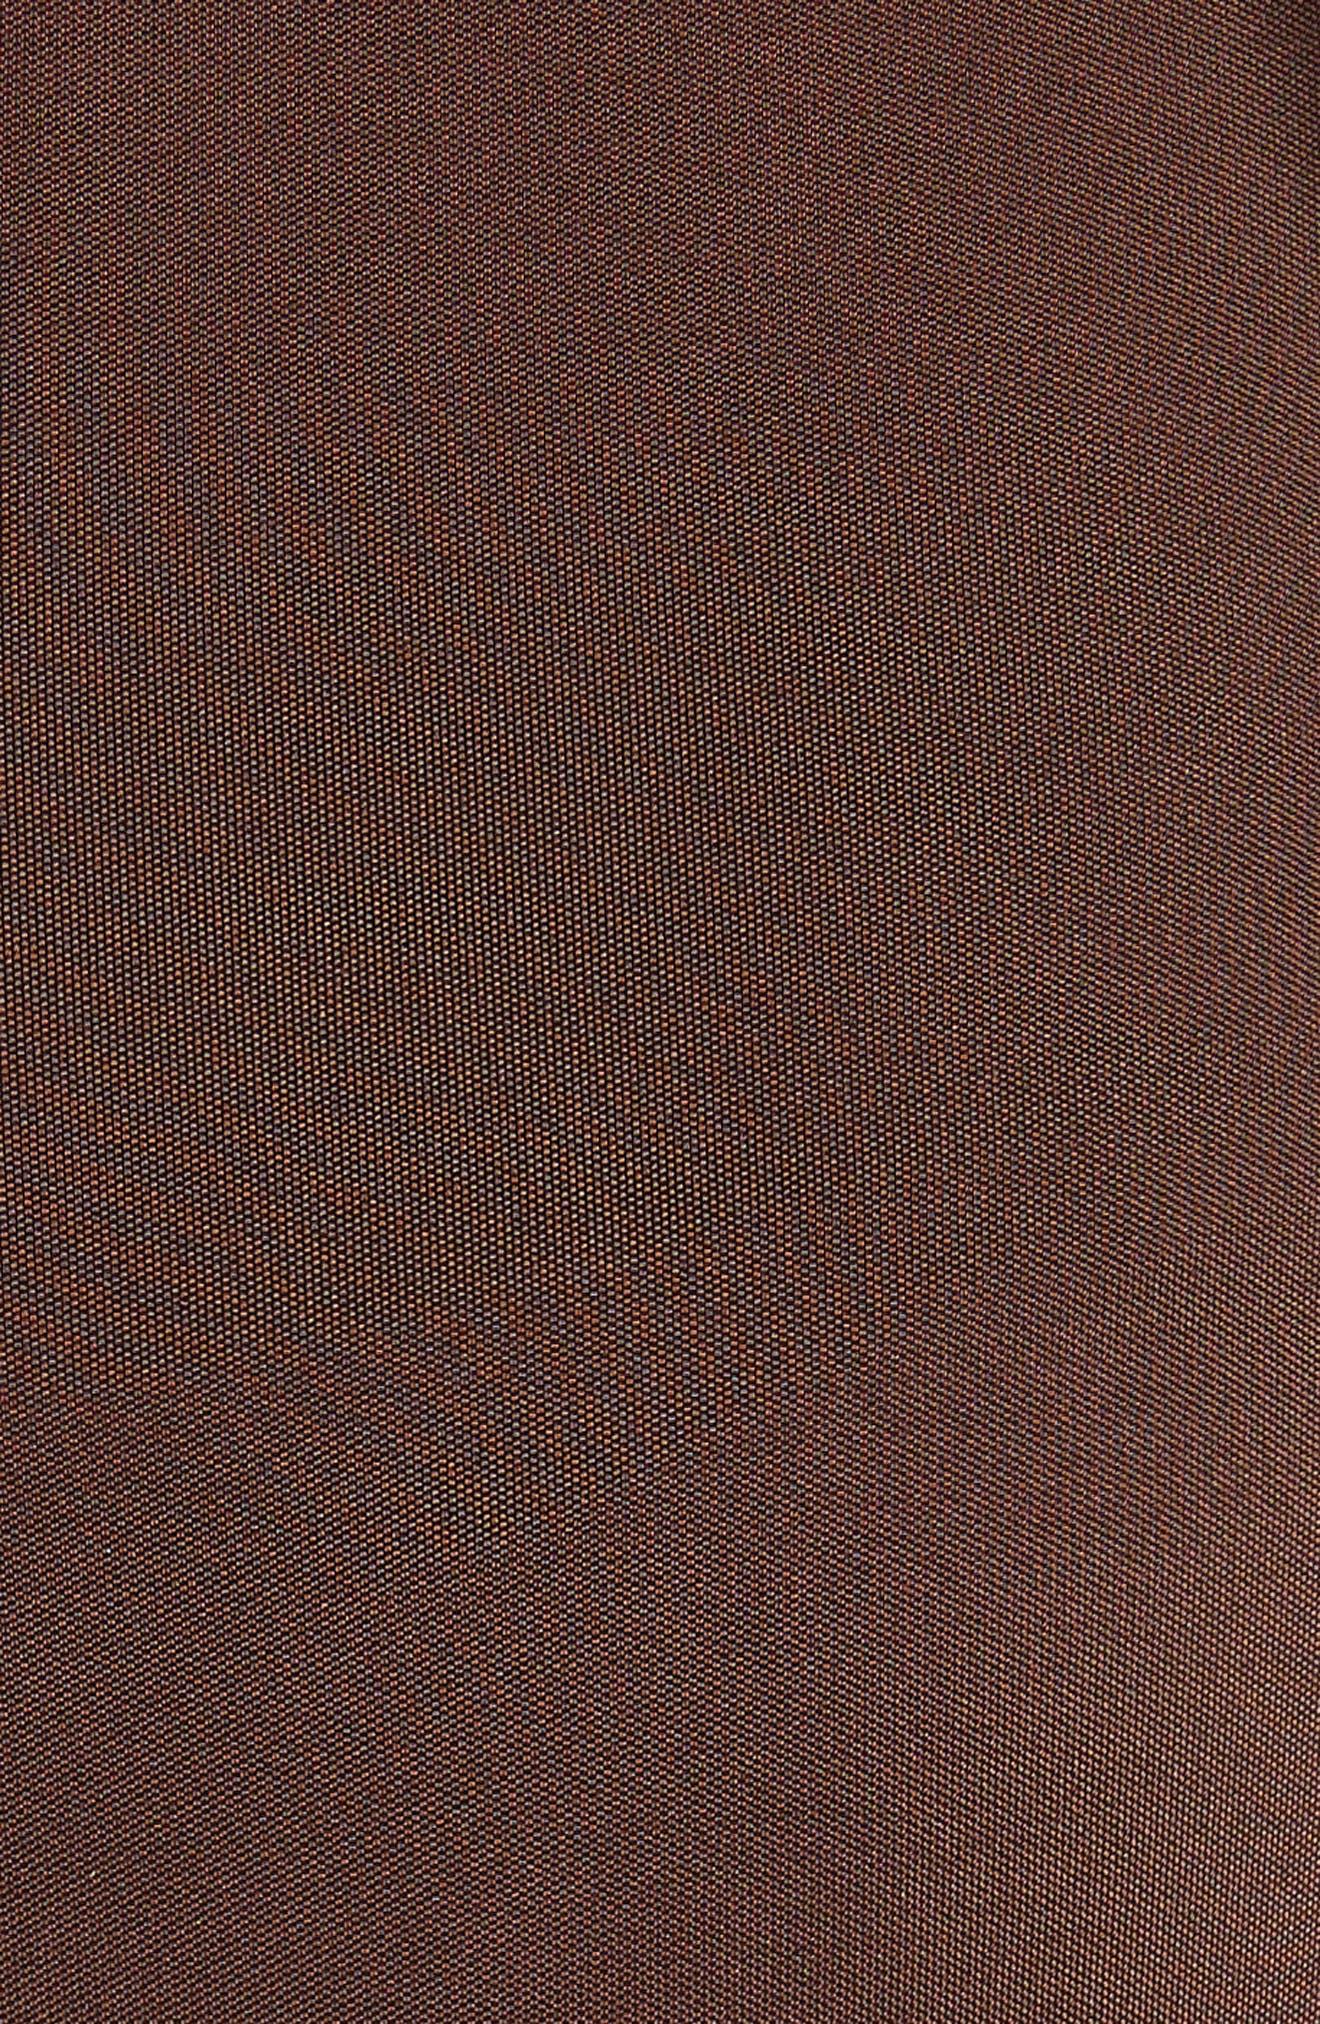 Jersey One-Shoulder Dress,                             Alternate thumbnail 5, color,                             Umber